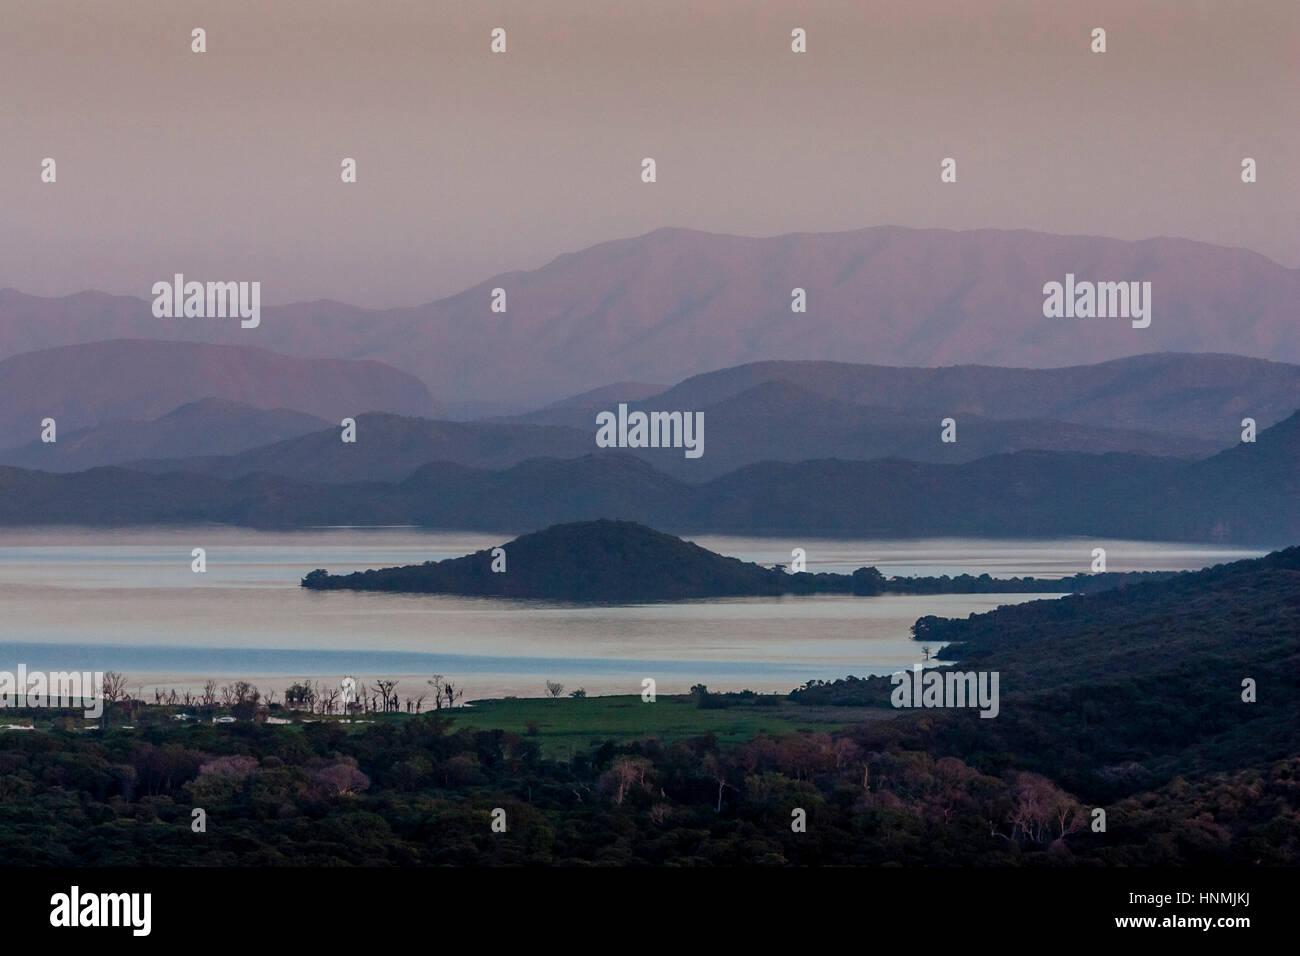 Sunset Over Lake Abaya, Nechisar National Park, Arba Minch, Ethiopia Stock Photo